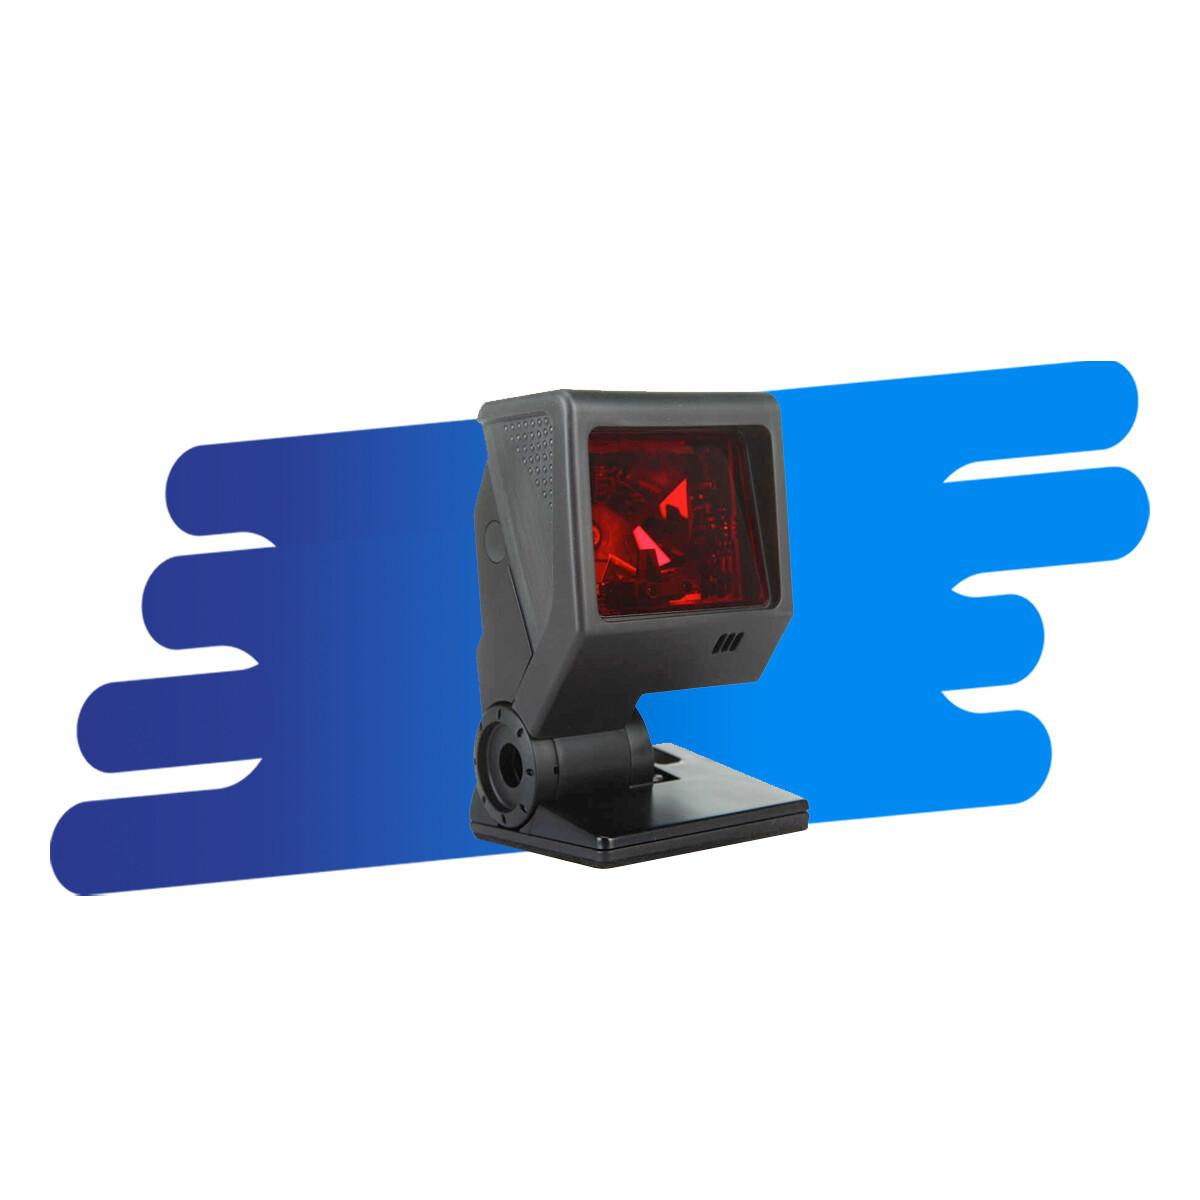 Lector de código de barras MS3580